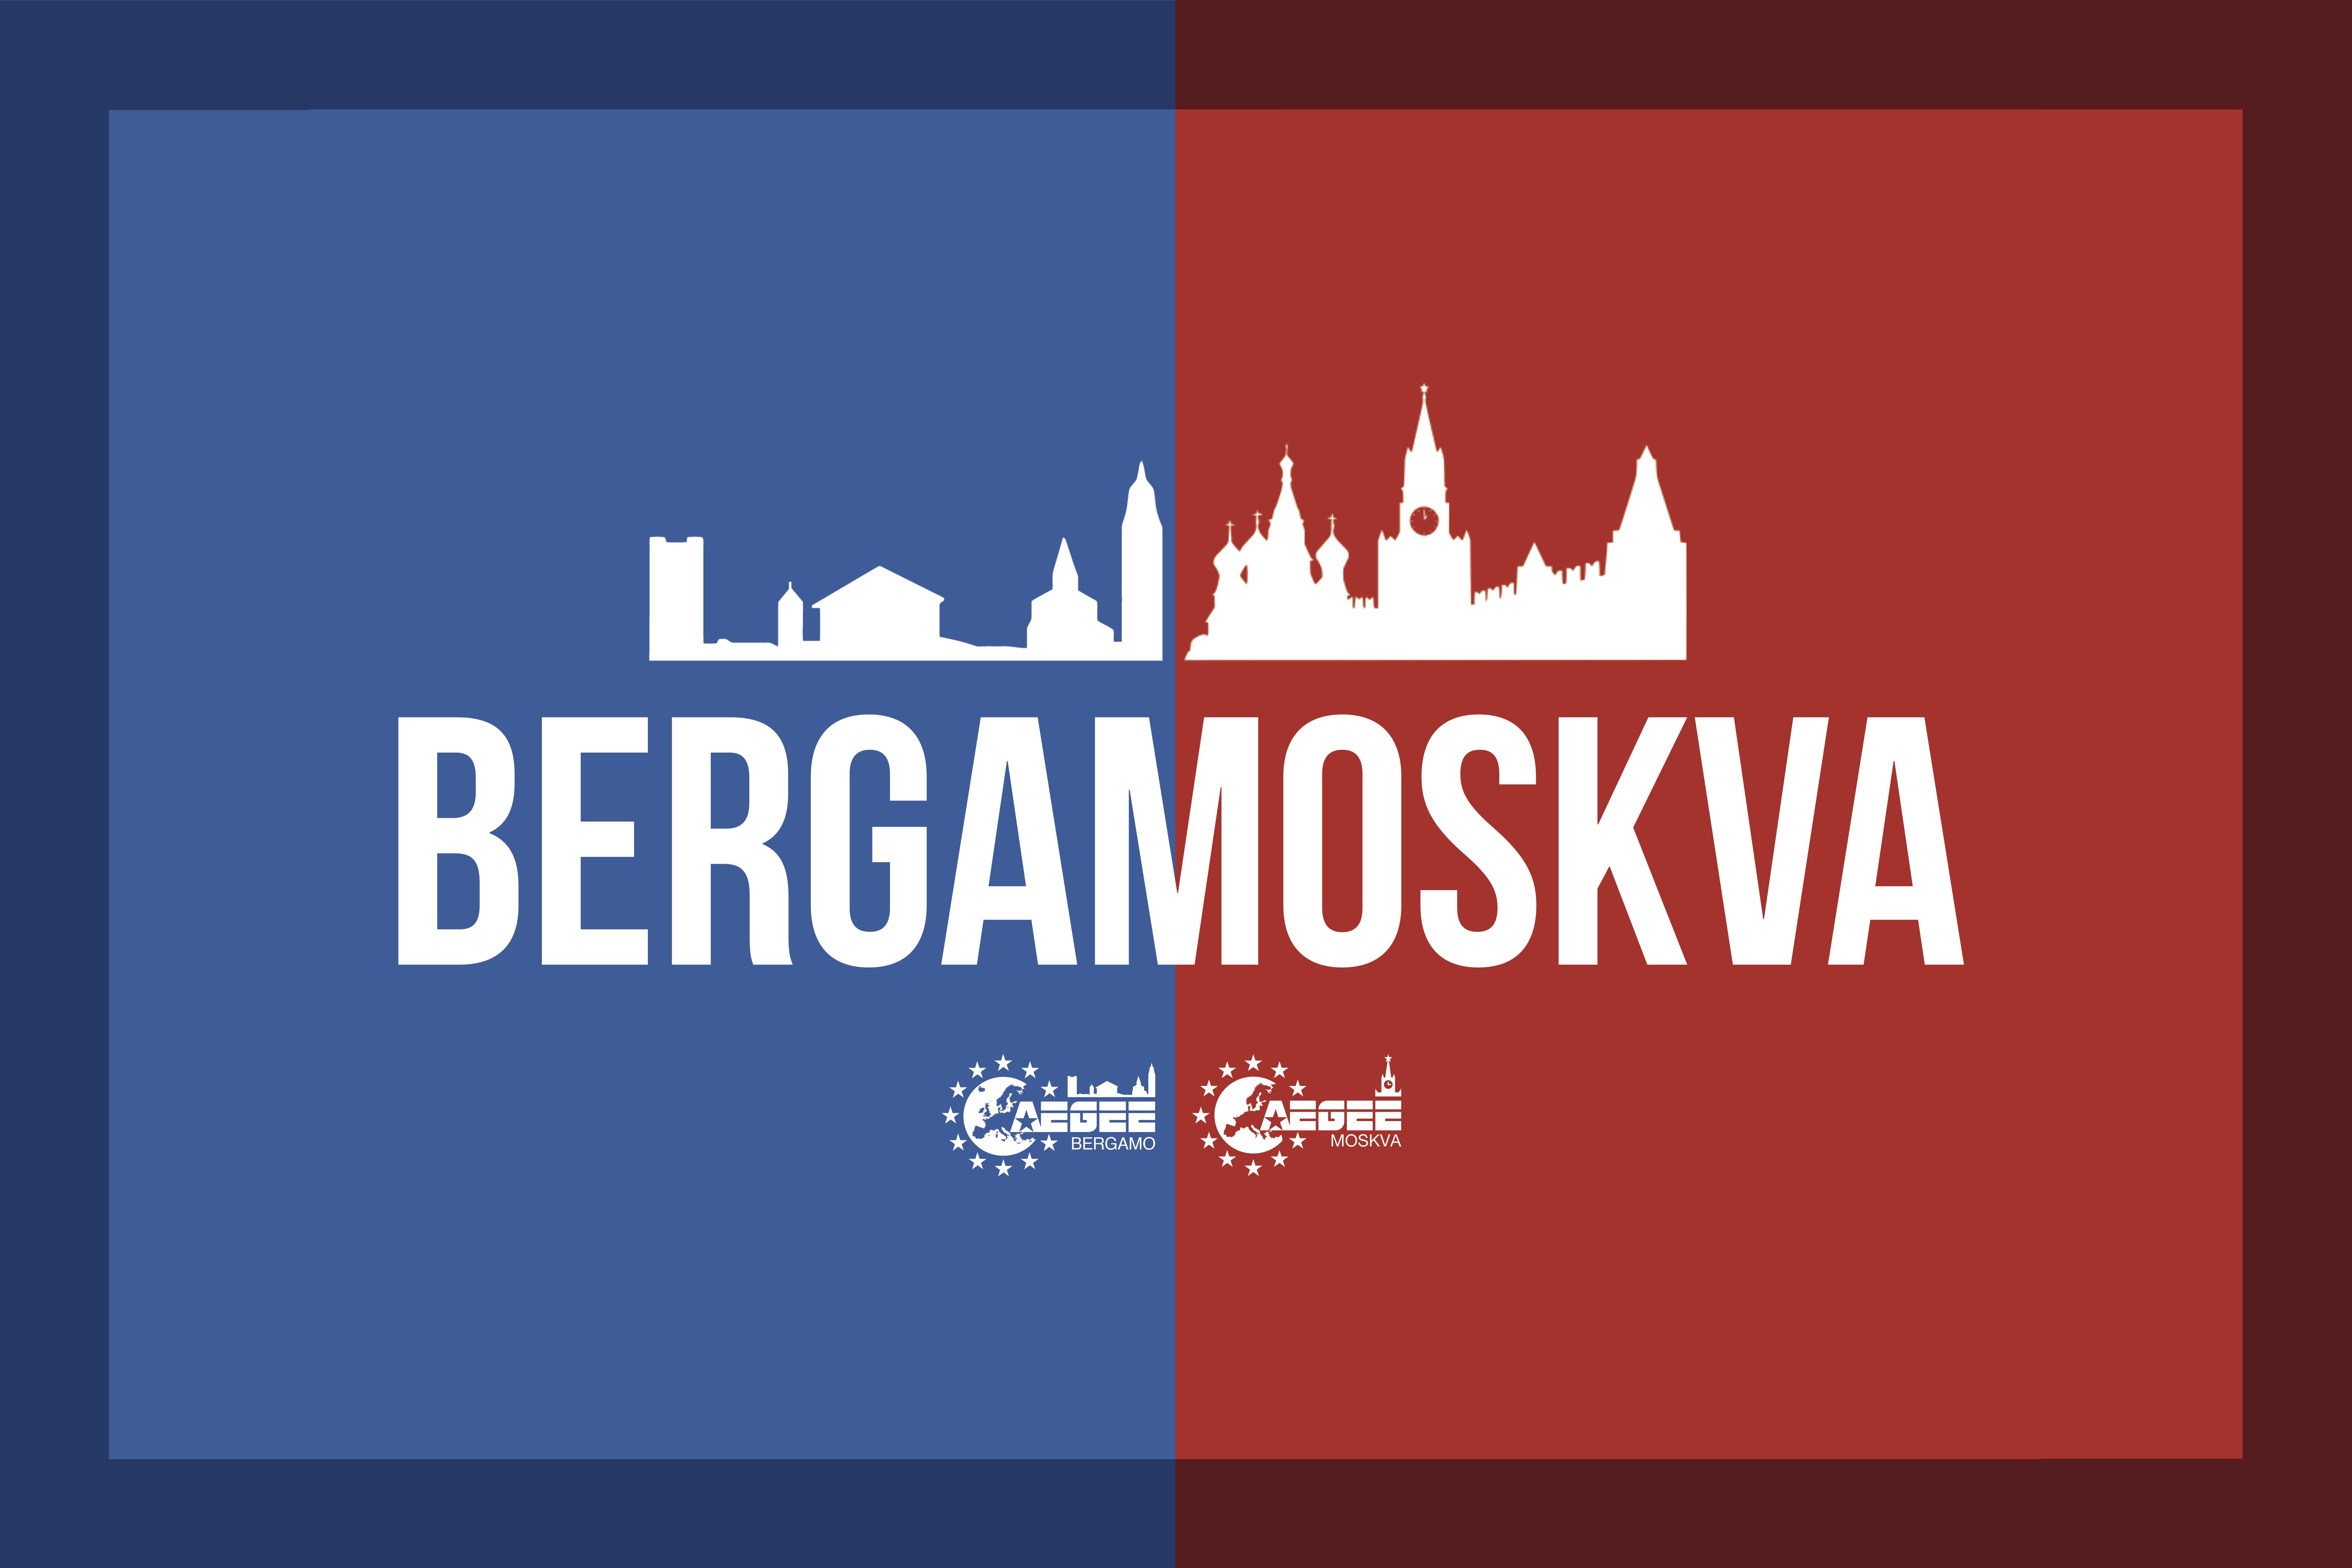 bergamoskva flag